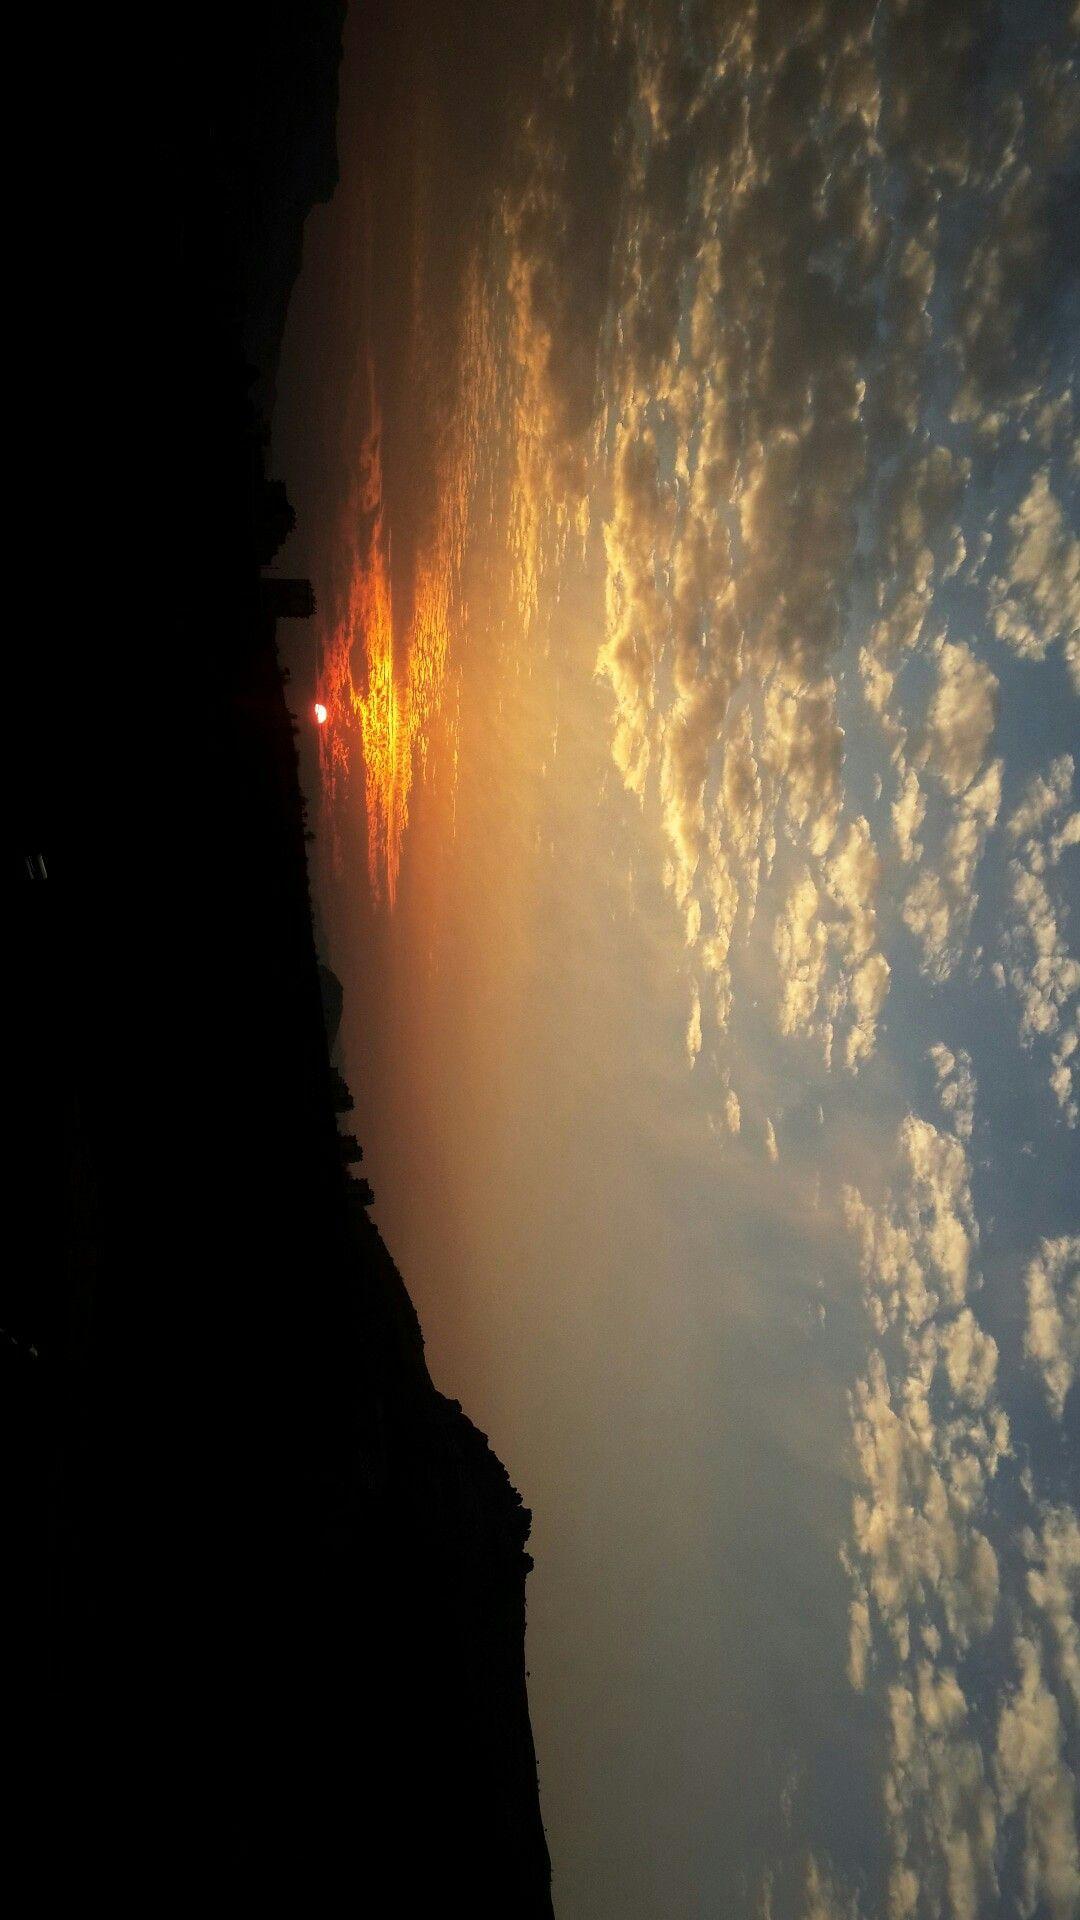 Sunset, 2020 Soyut fotoğrafçılık, Manzara fotoğrafçılığı